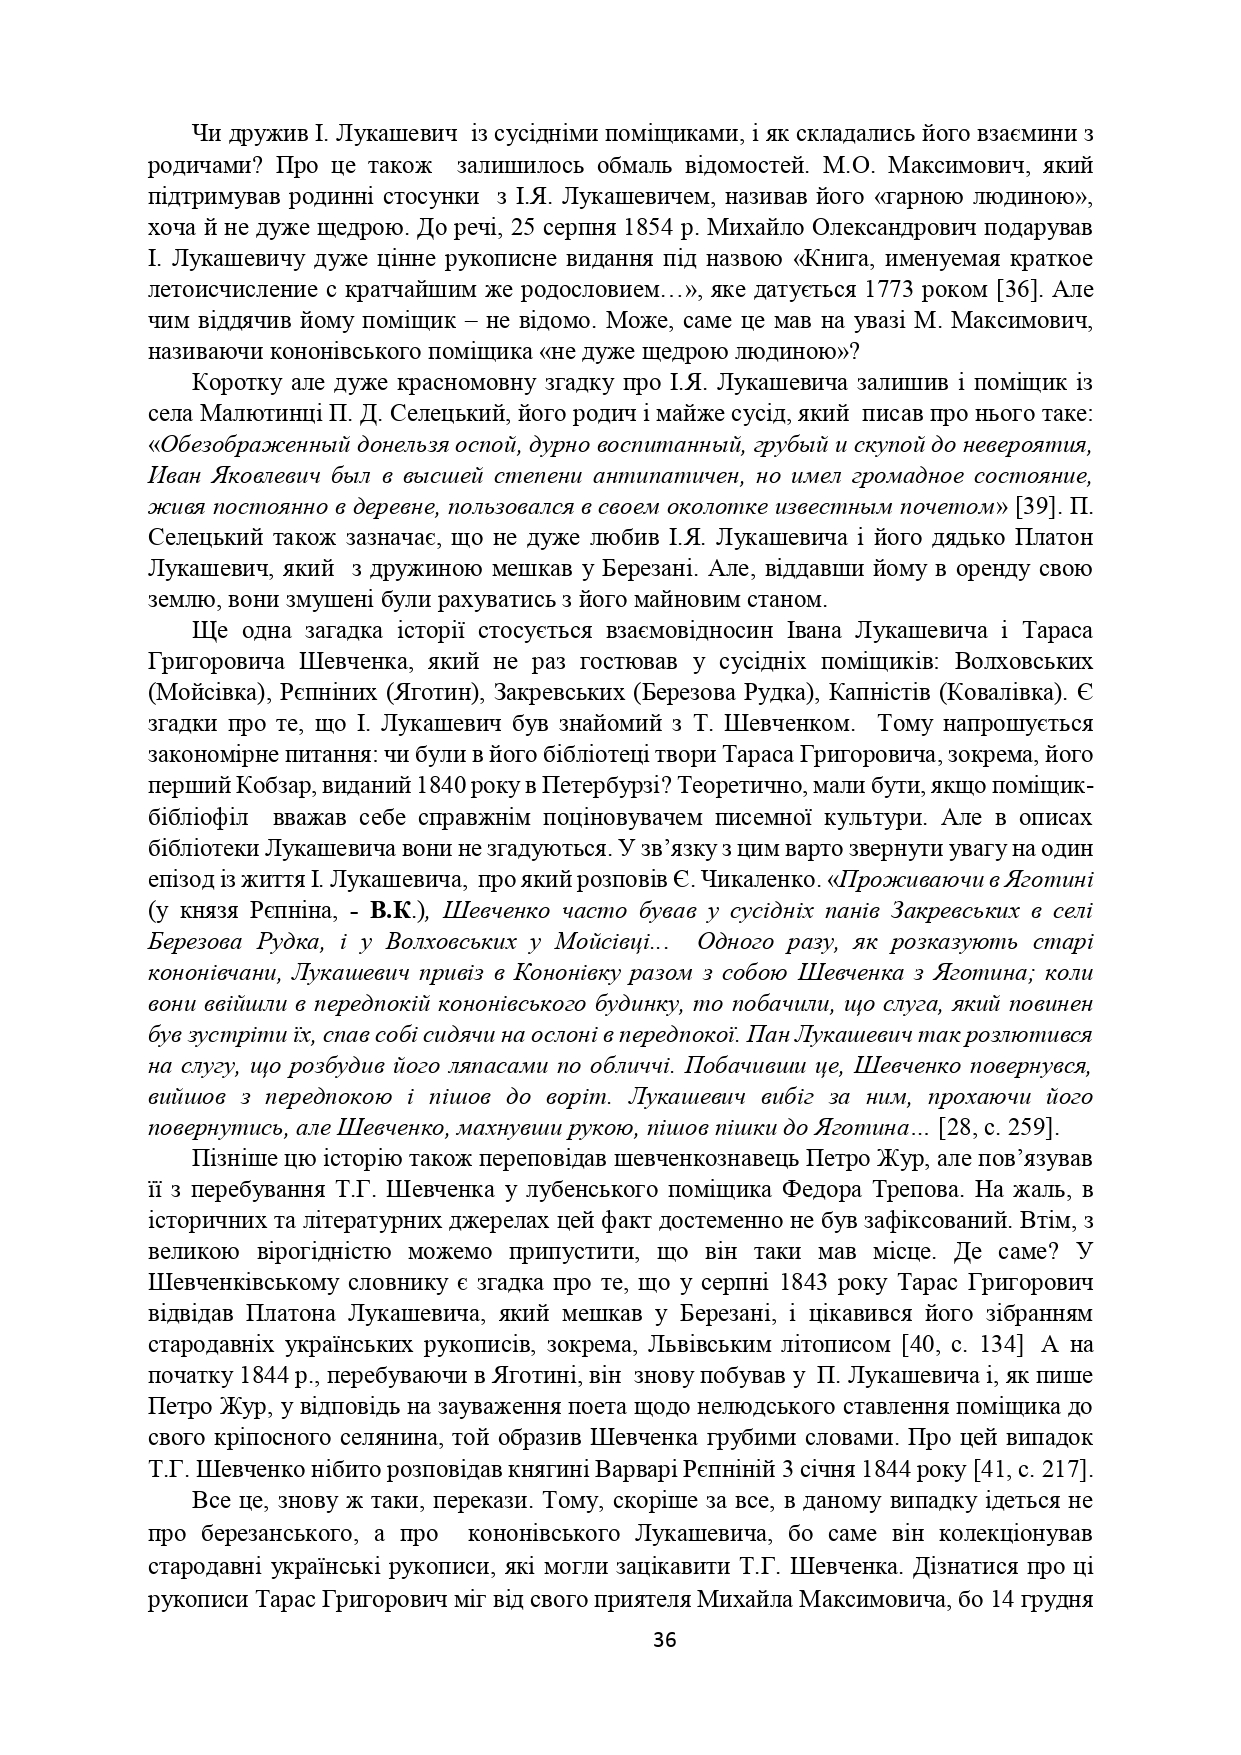 ІСТОРІЯ СЕЛА КОНОНІВКА 2021 (1)_page-0036